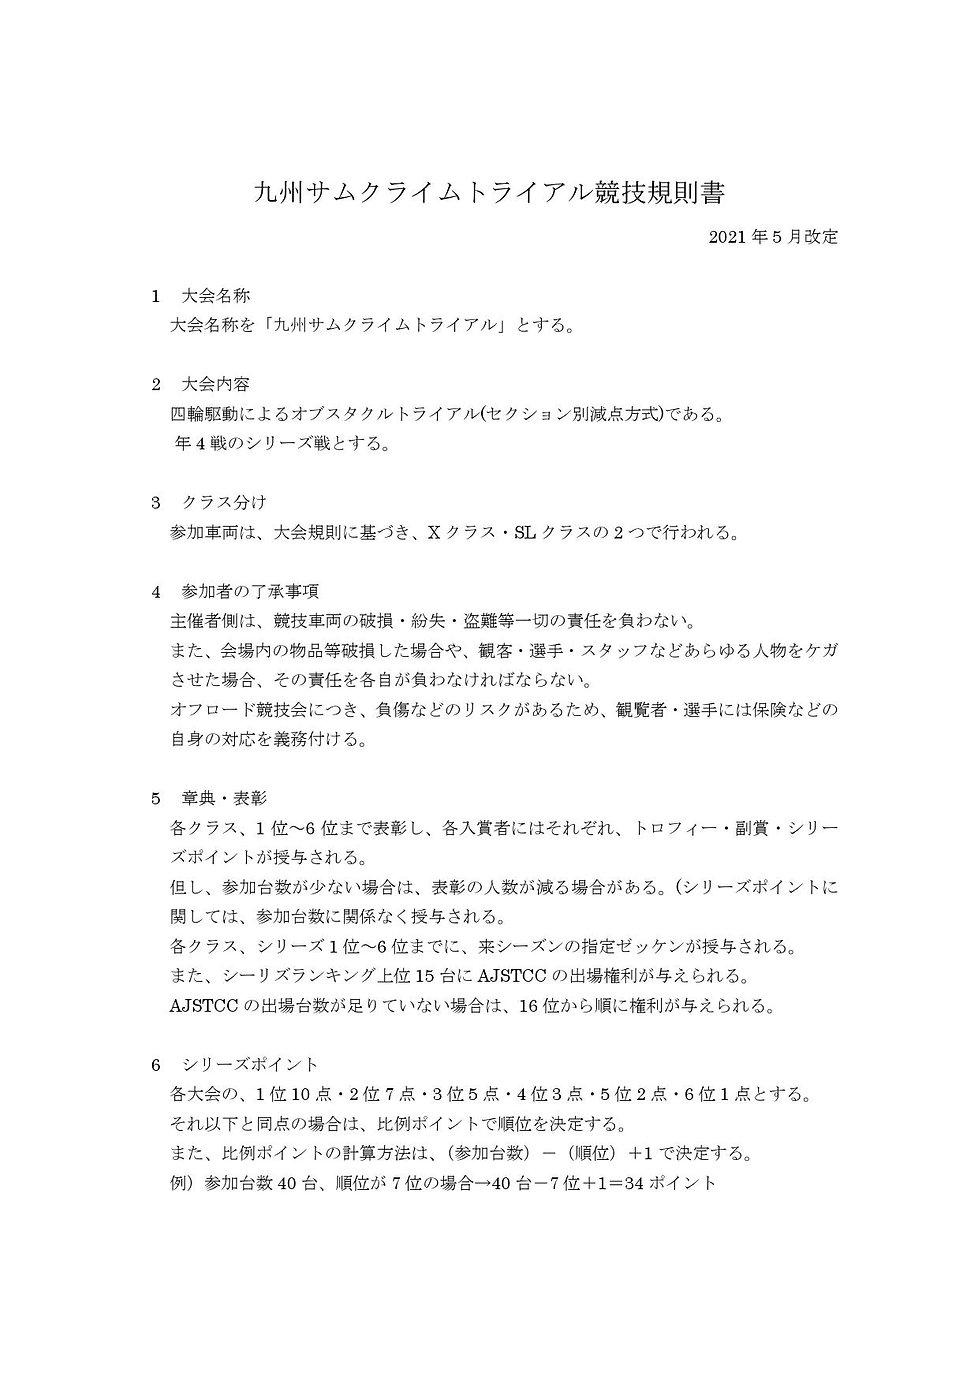 九州サムクライムトライアル協議規則書_000001.jpg